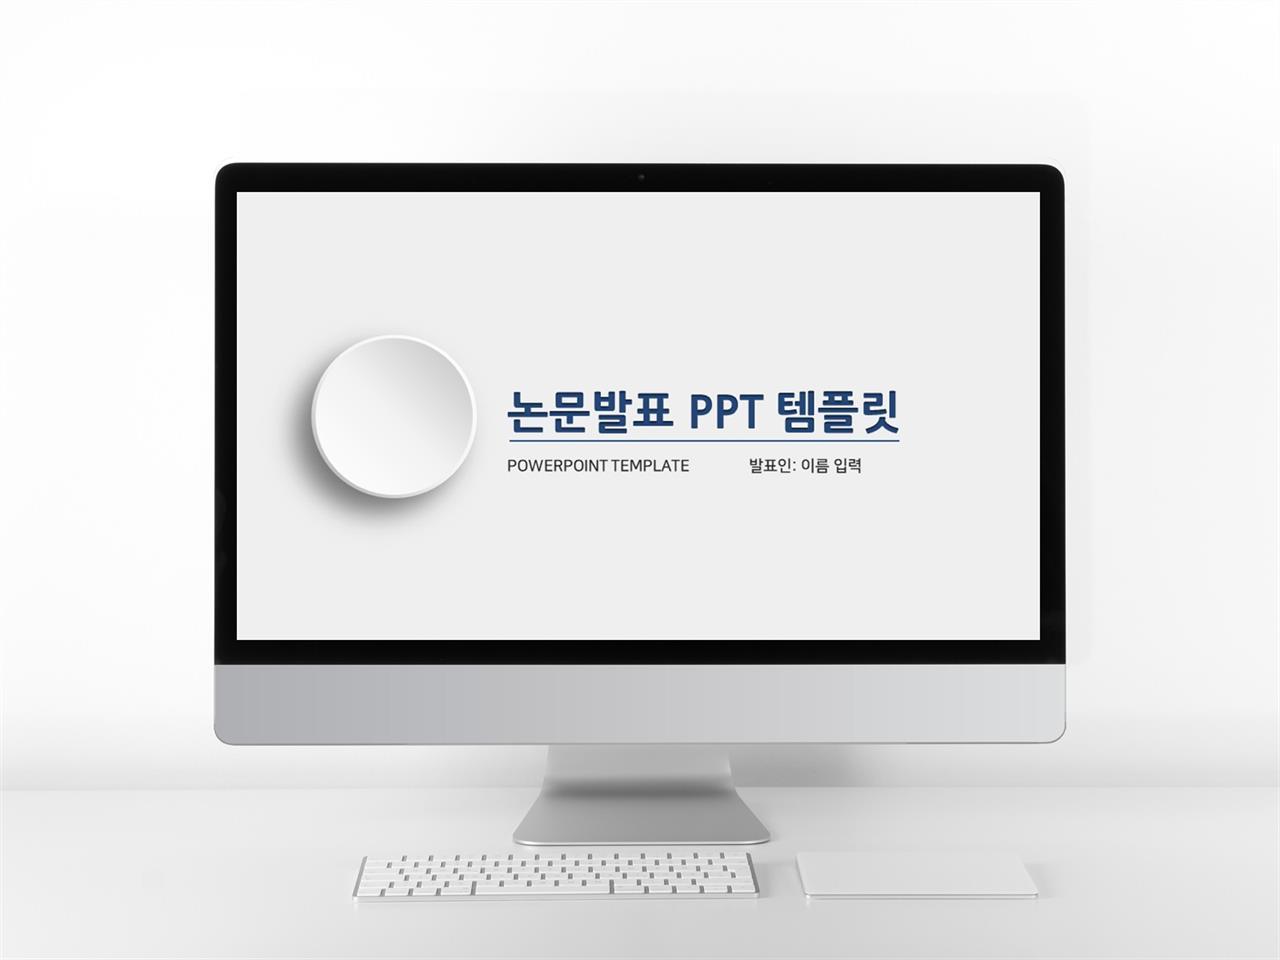 졸업발표 하늘색 깔끔한 고퀄리티 피피티탬플릿 제작 미리보기